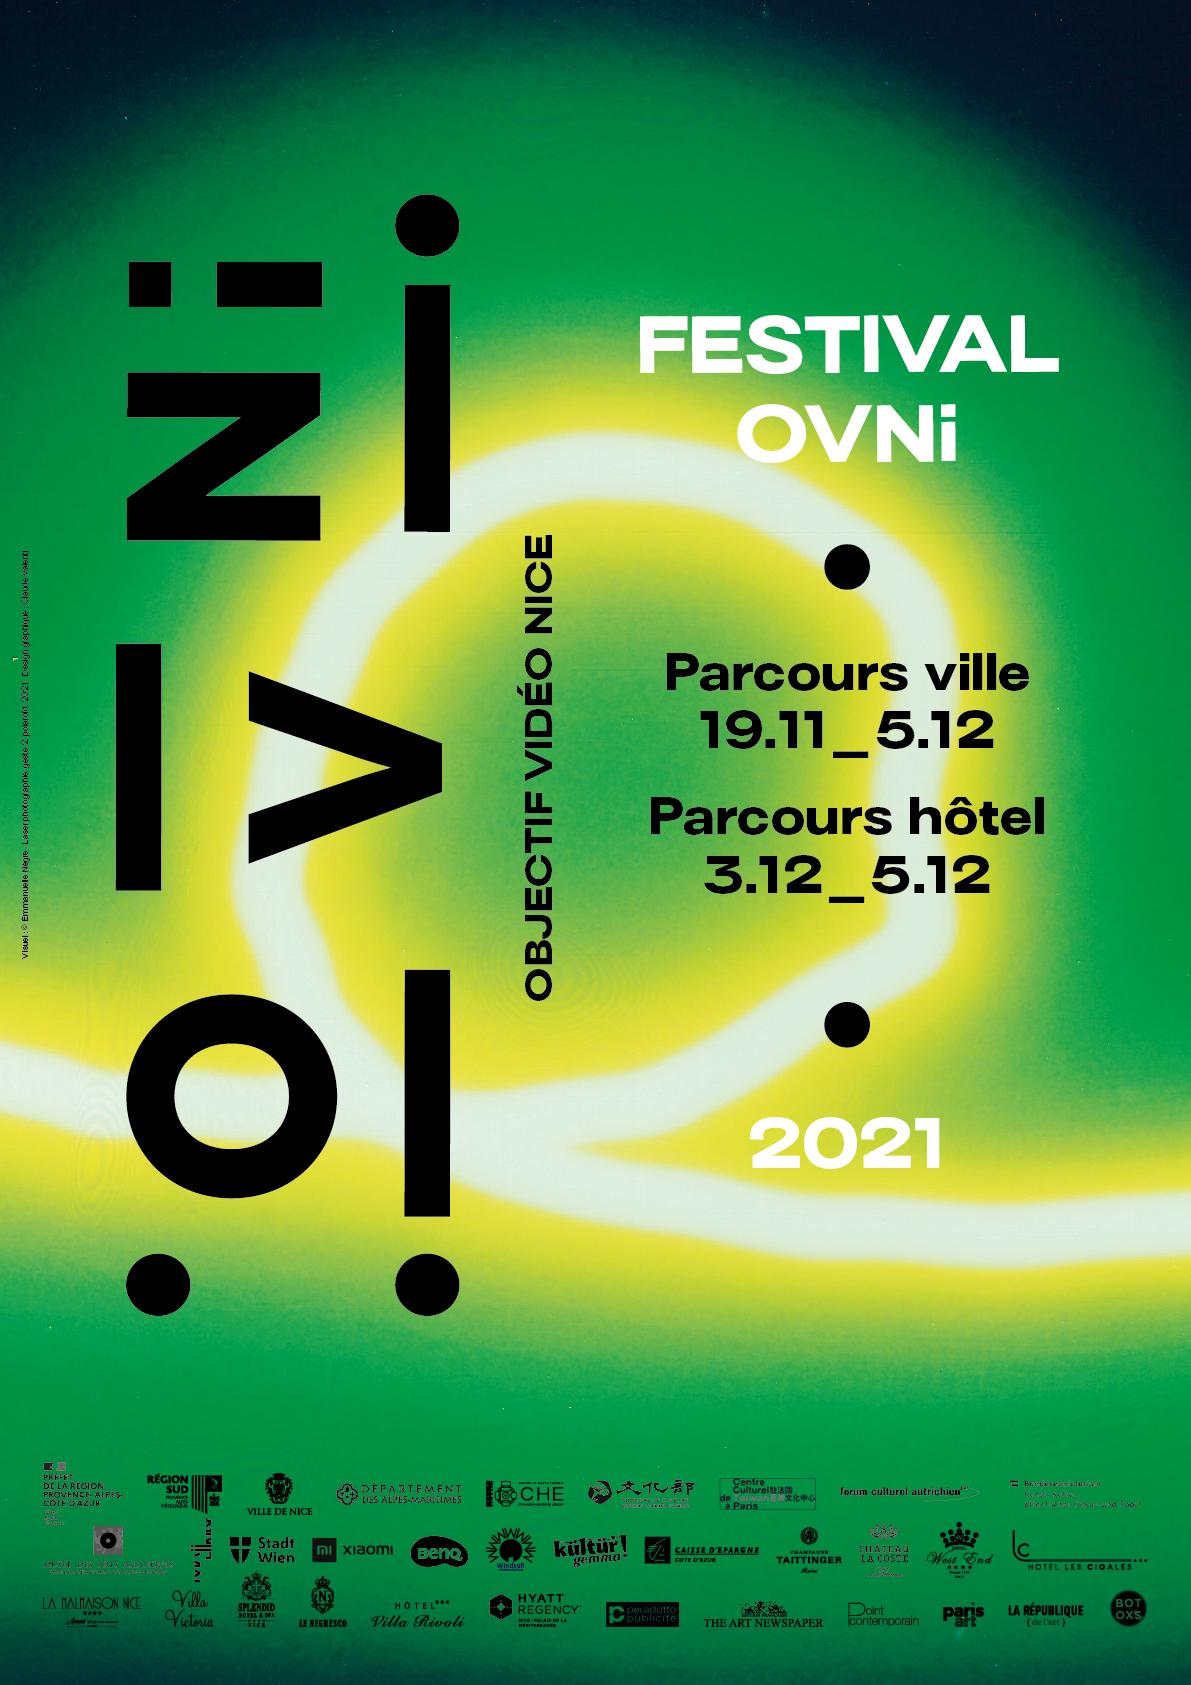 © Graphisme Claude Valenti / Fond visuel Emmanuelle Nègre, 2021